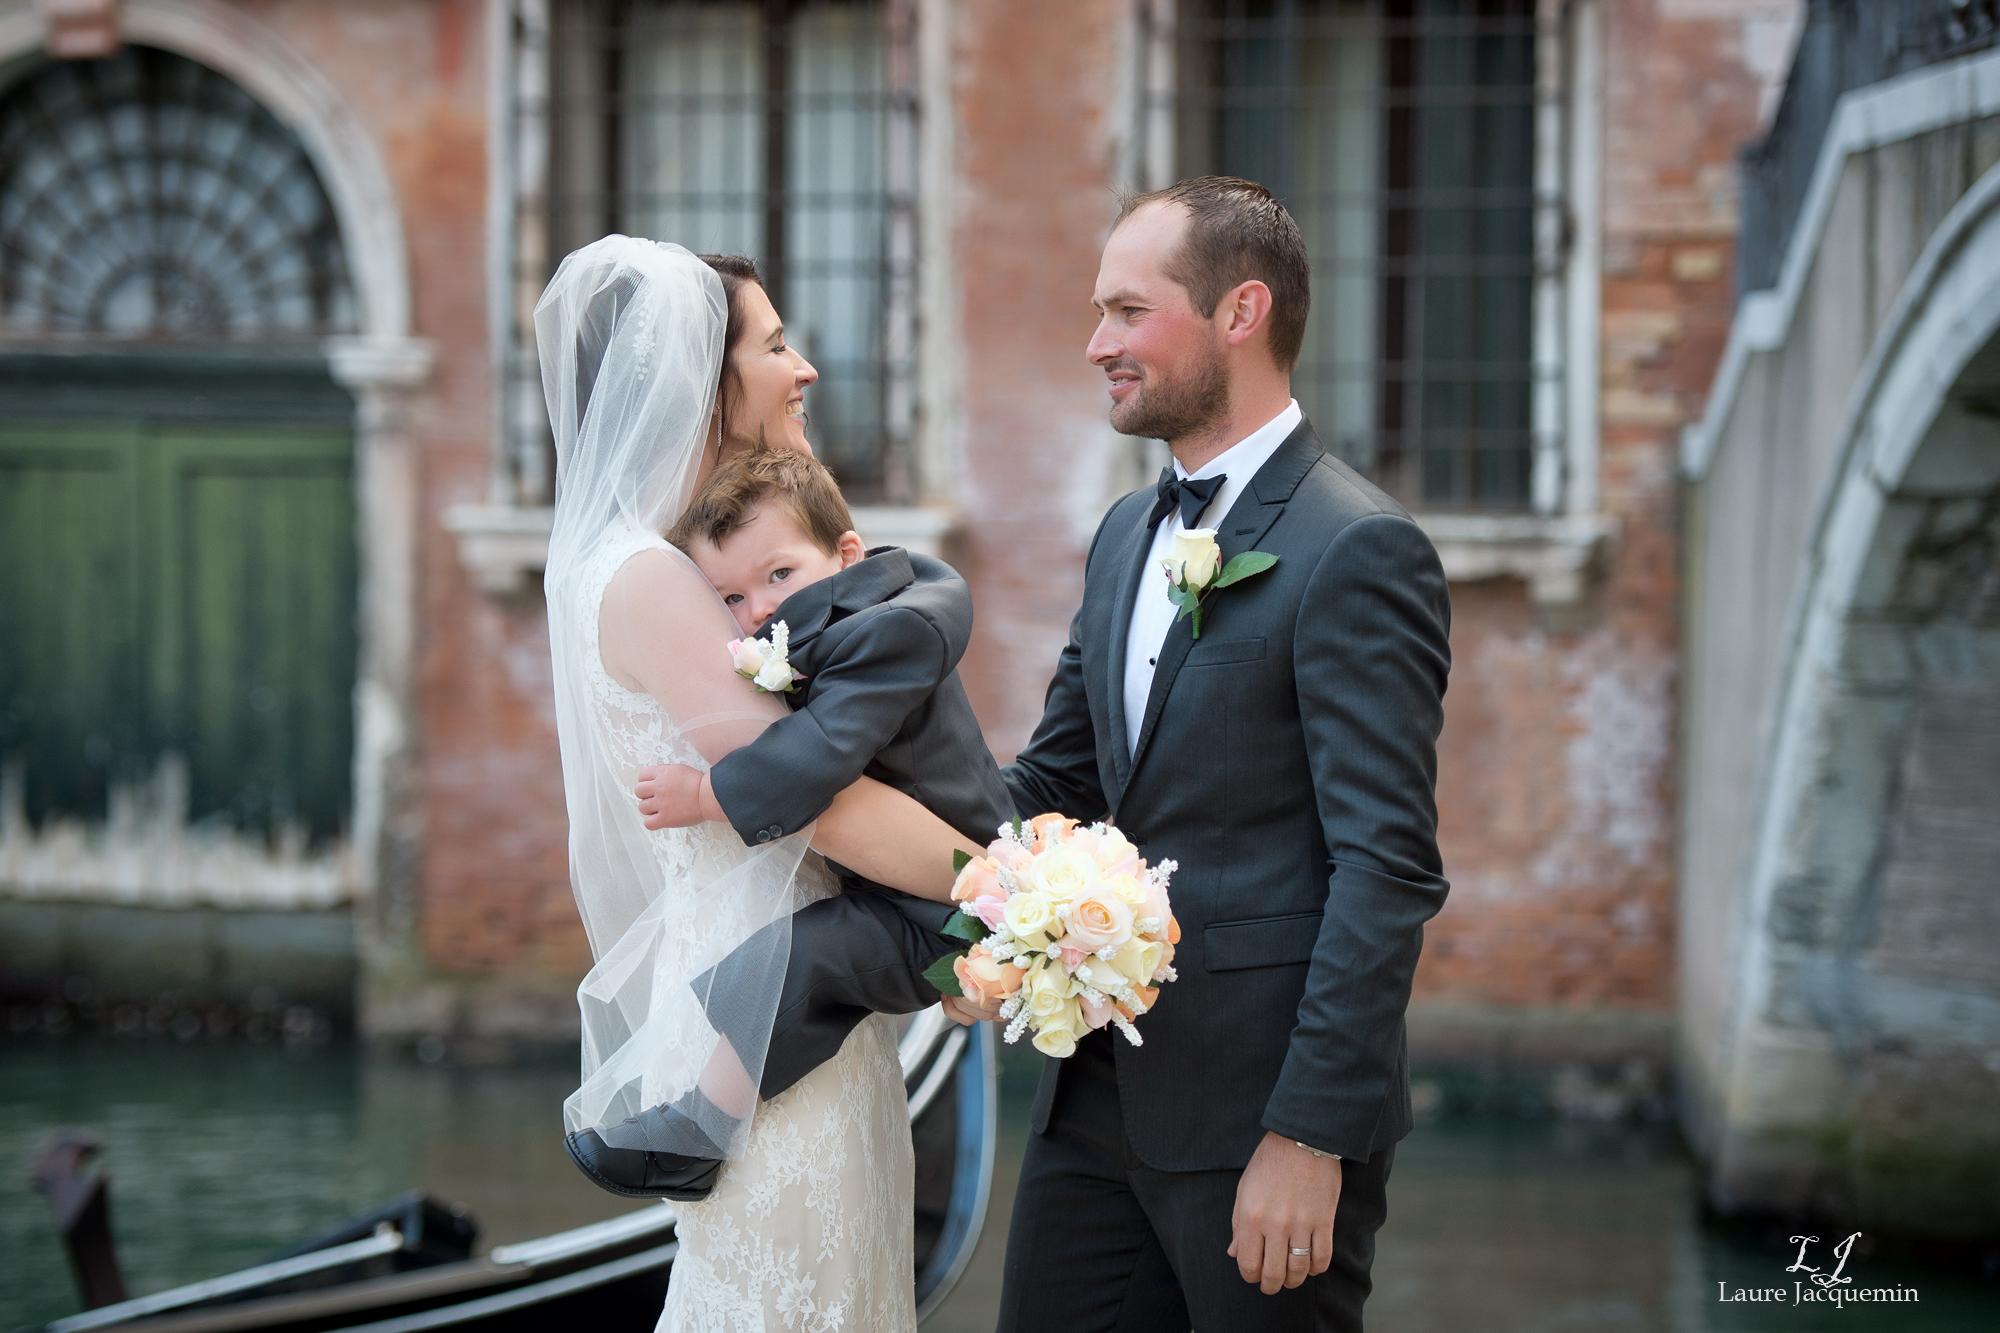 photographe mariage laure jacquemin palazzo cavalli service photographique (70)